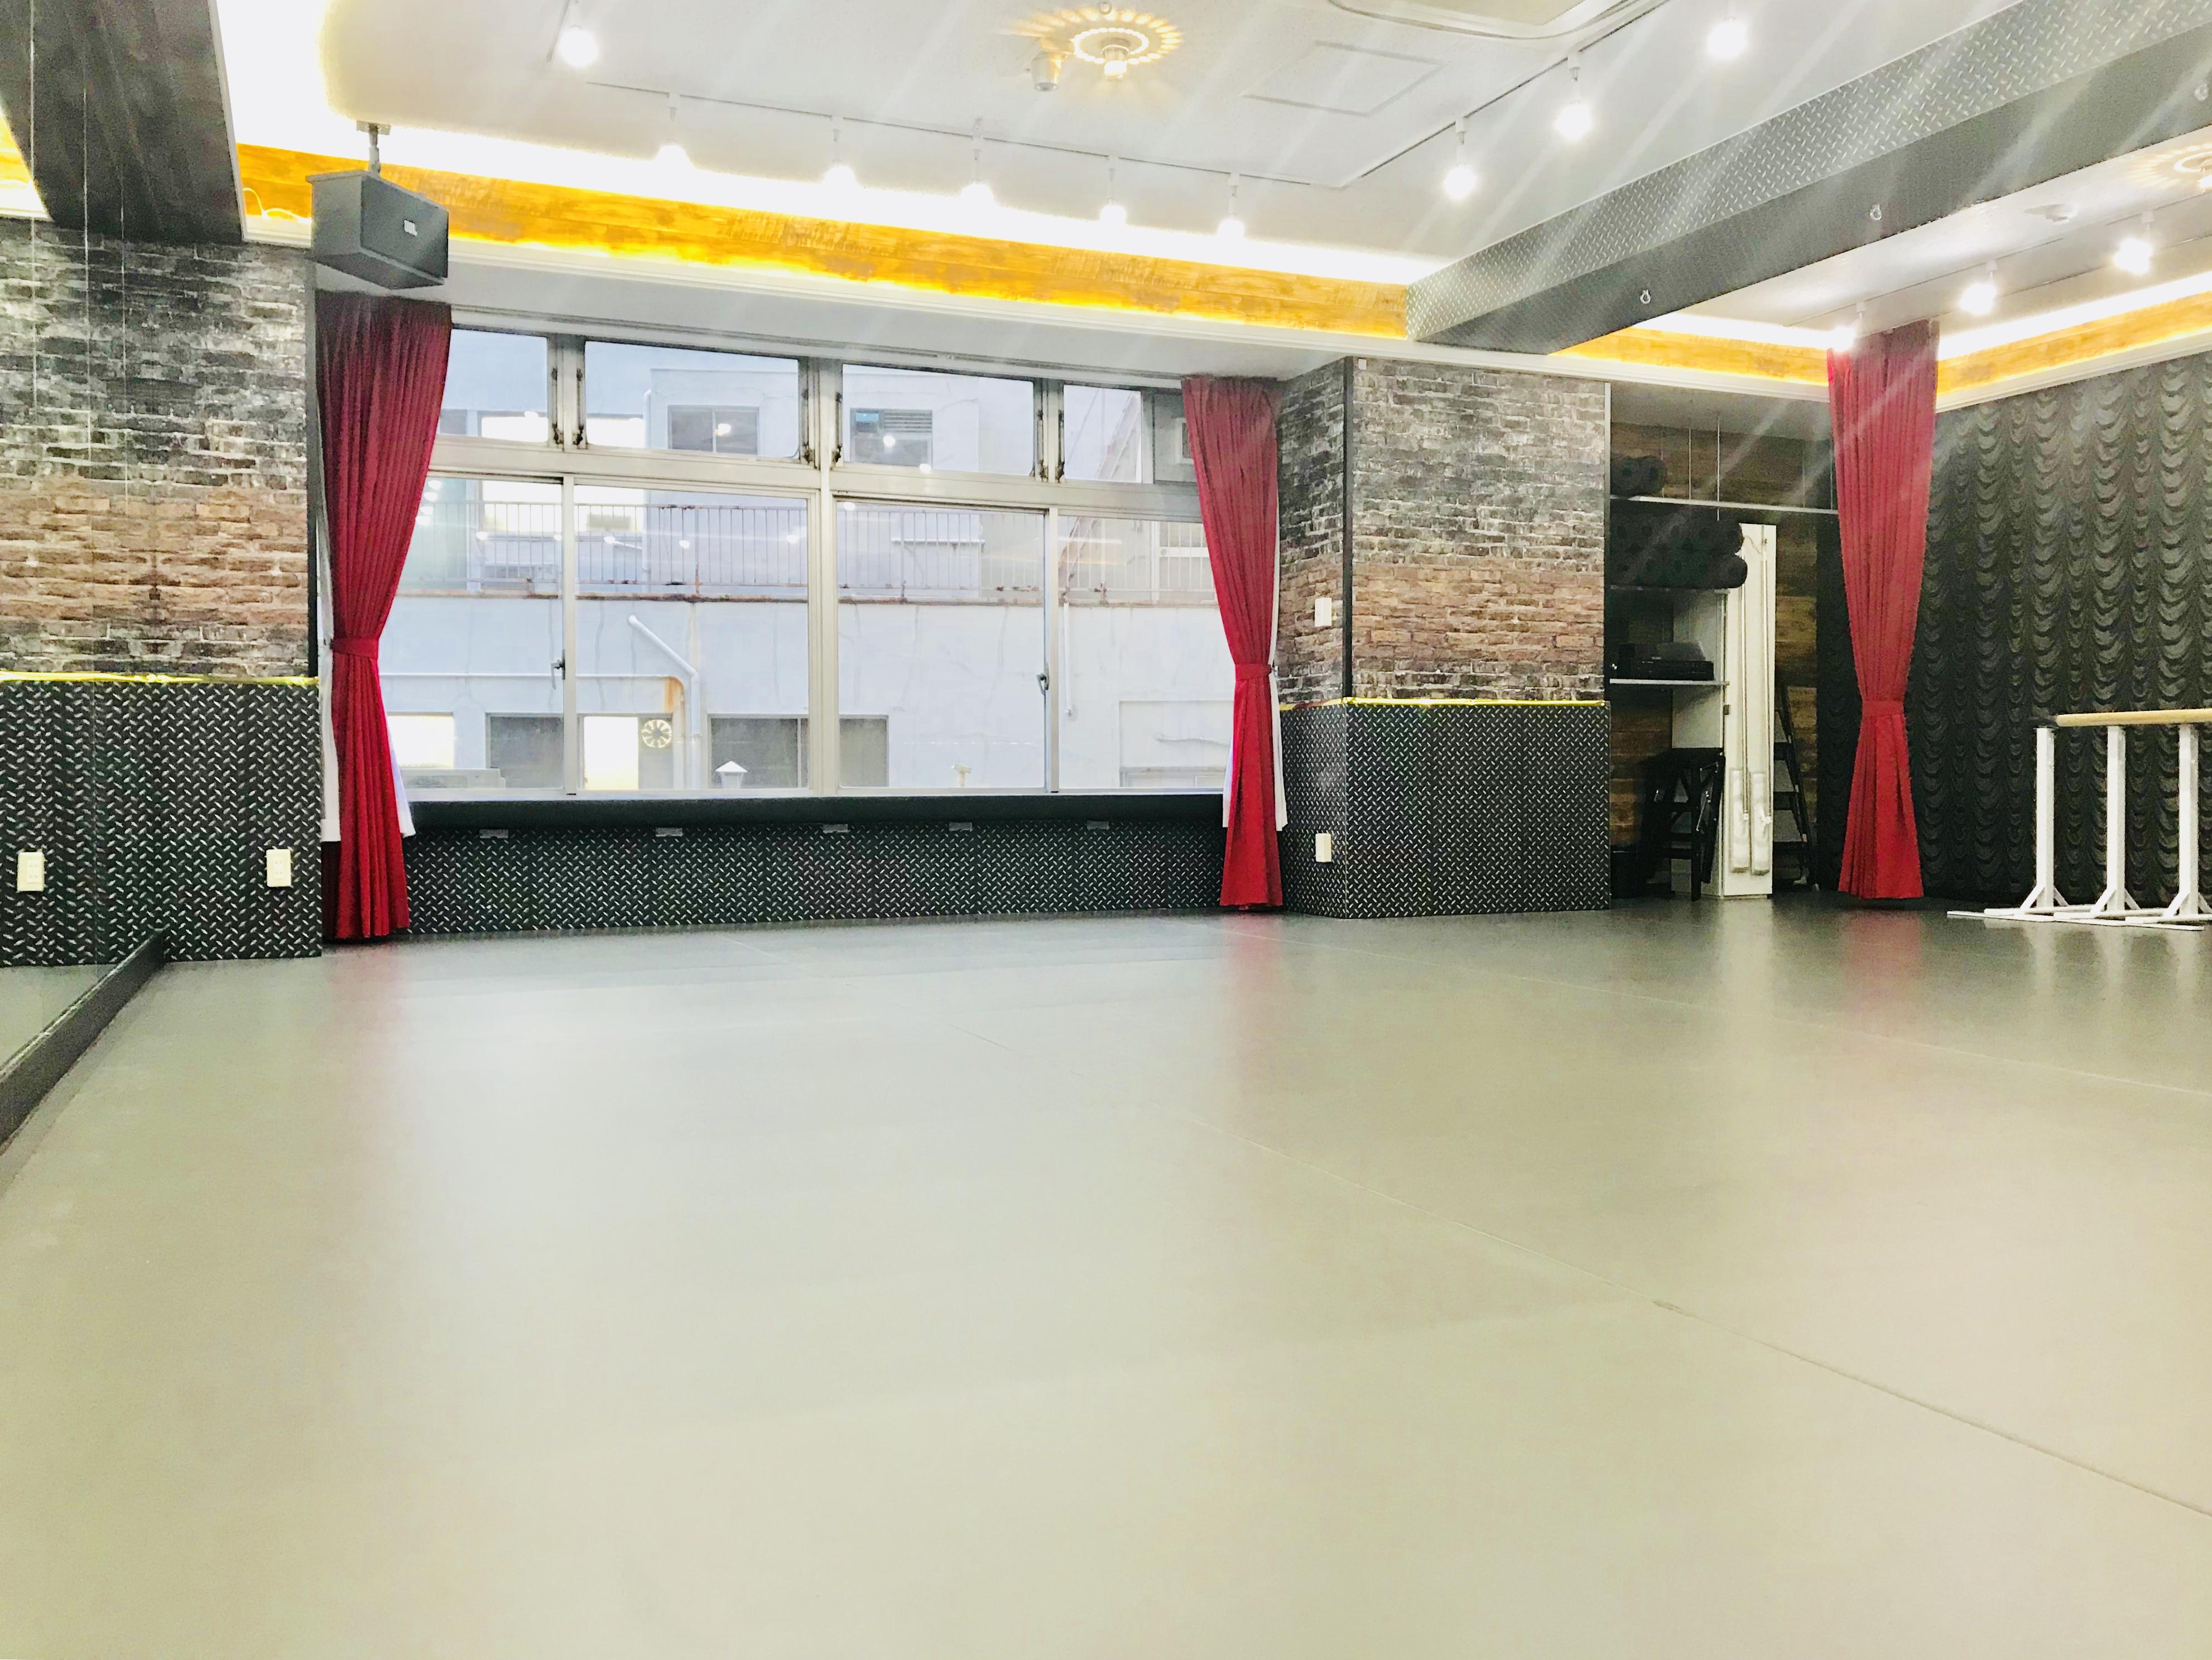 キッズチアダンス教室 に最適な スタジオ特集